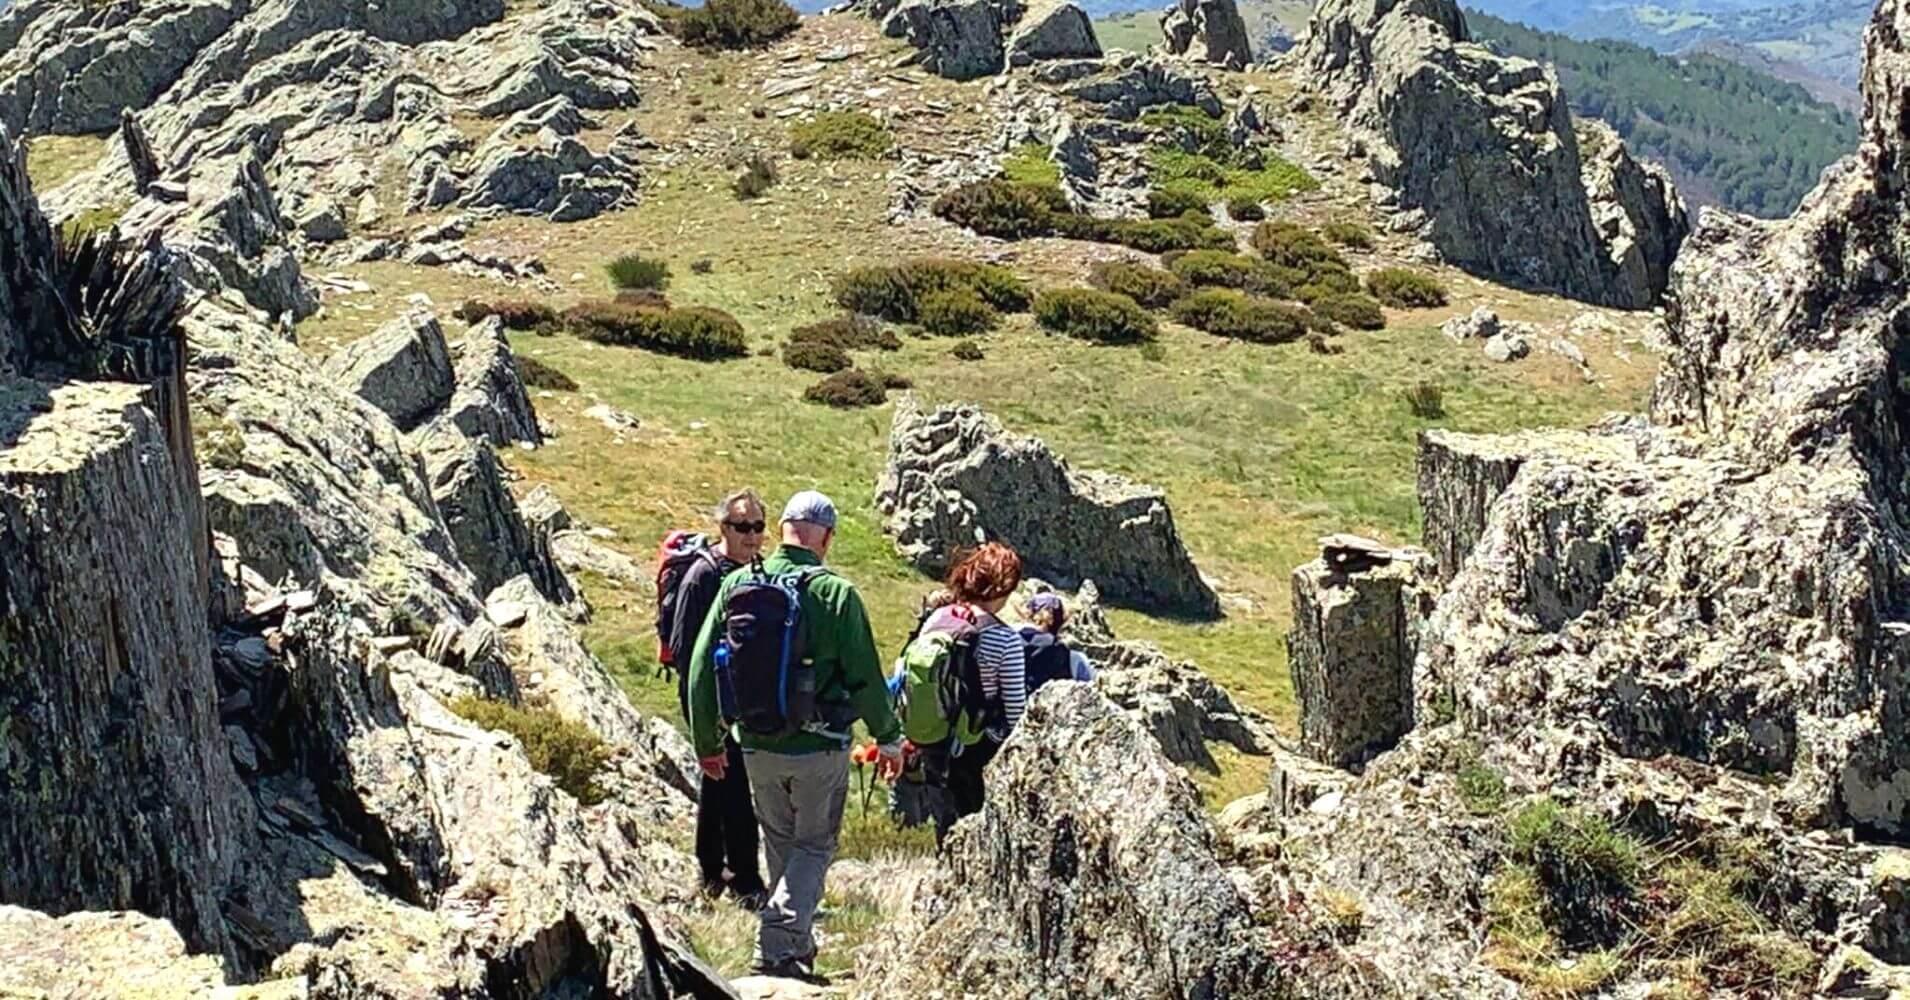 Bajada hacia una pradera en la ruta de la Cresta del Dragón. Sierra de Ayllón. Guadalajara.